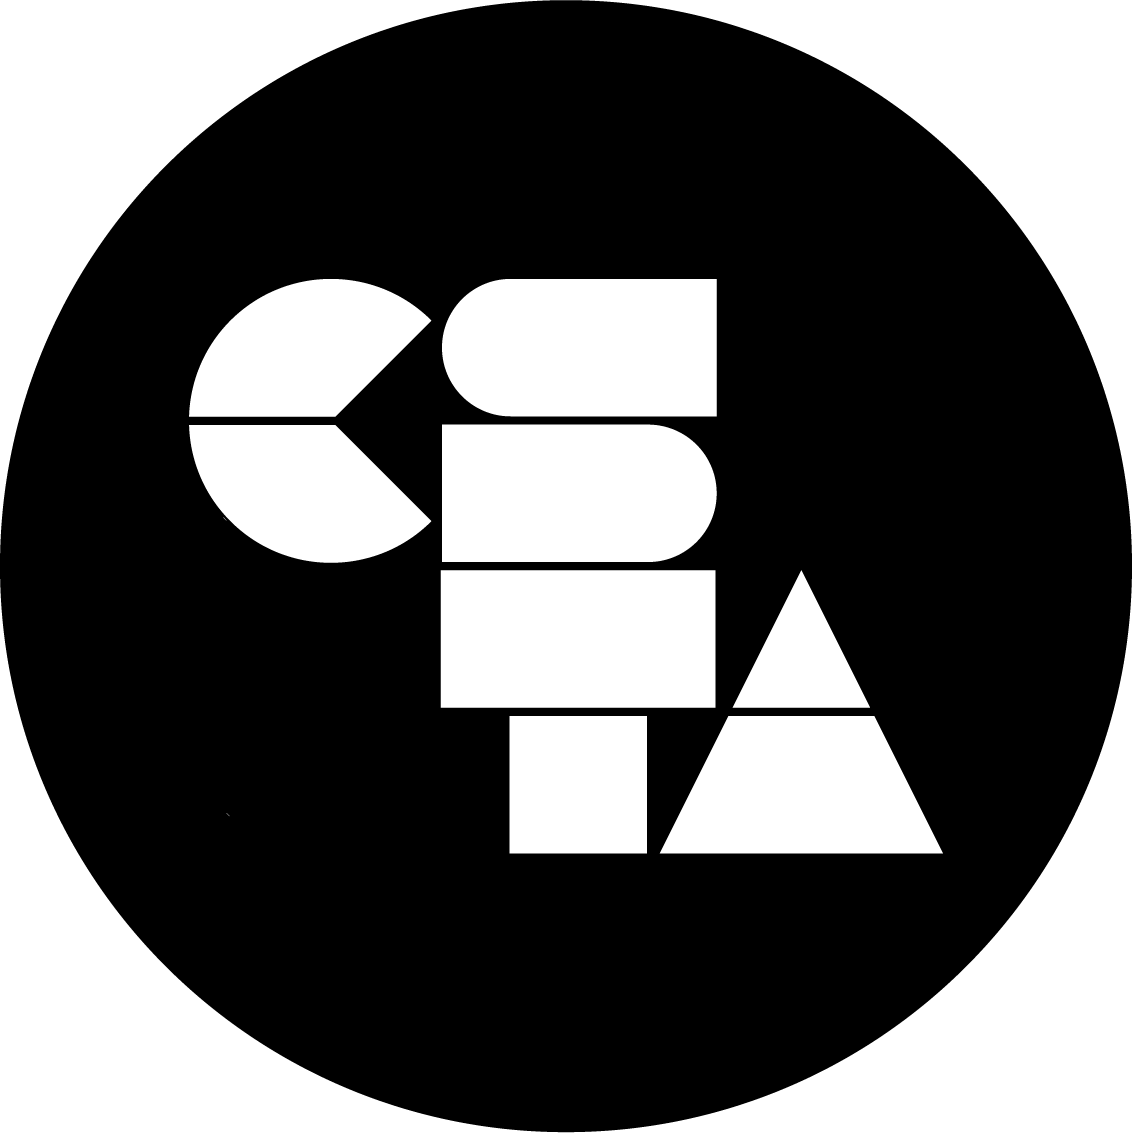 CSTA Greater Boston